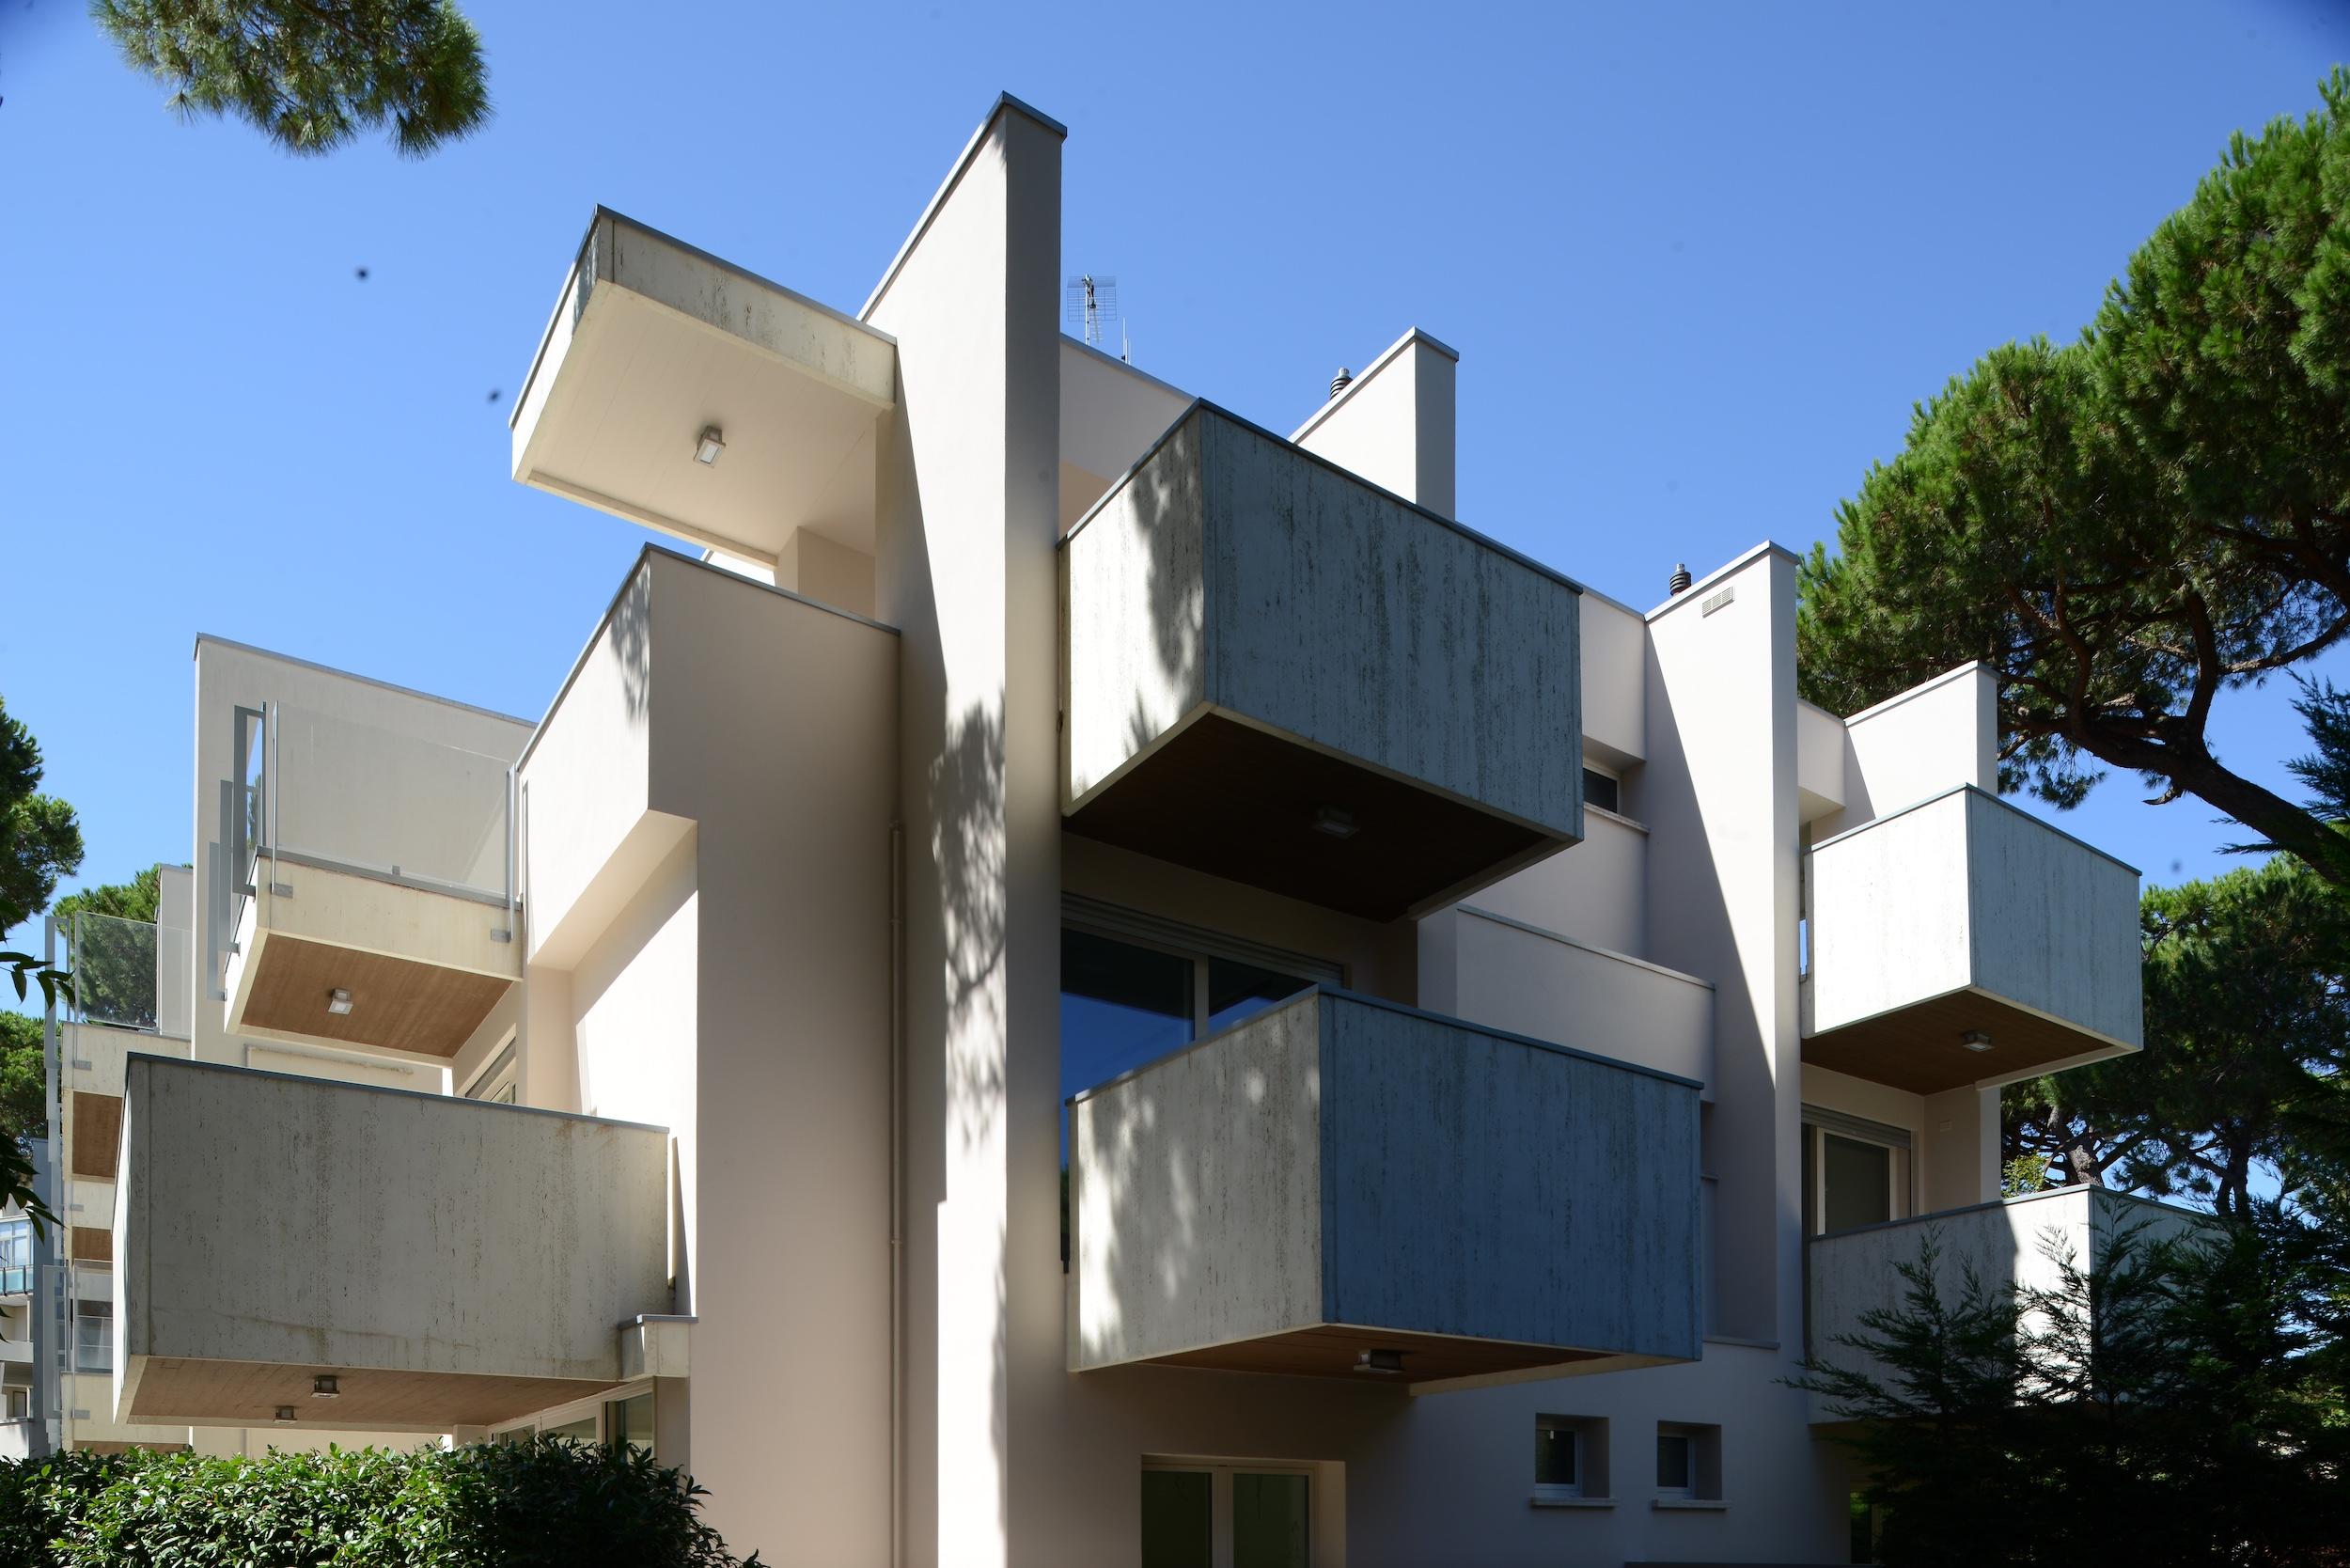 4312 Studio Bacchi Architetti MiMa